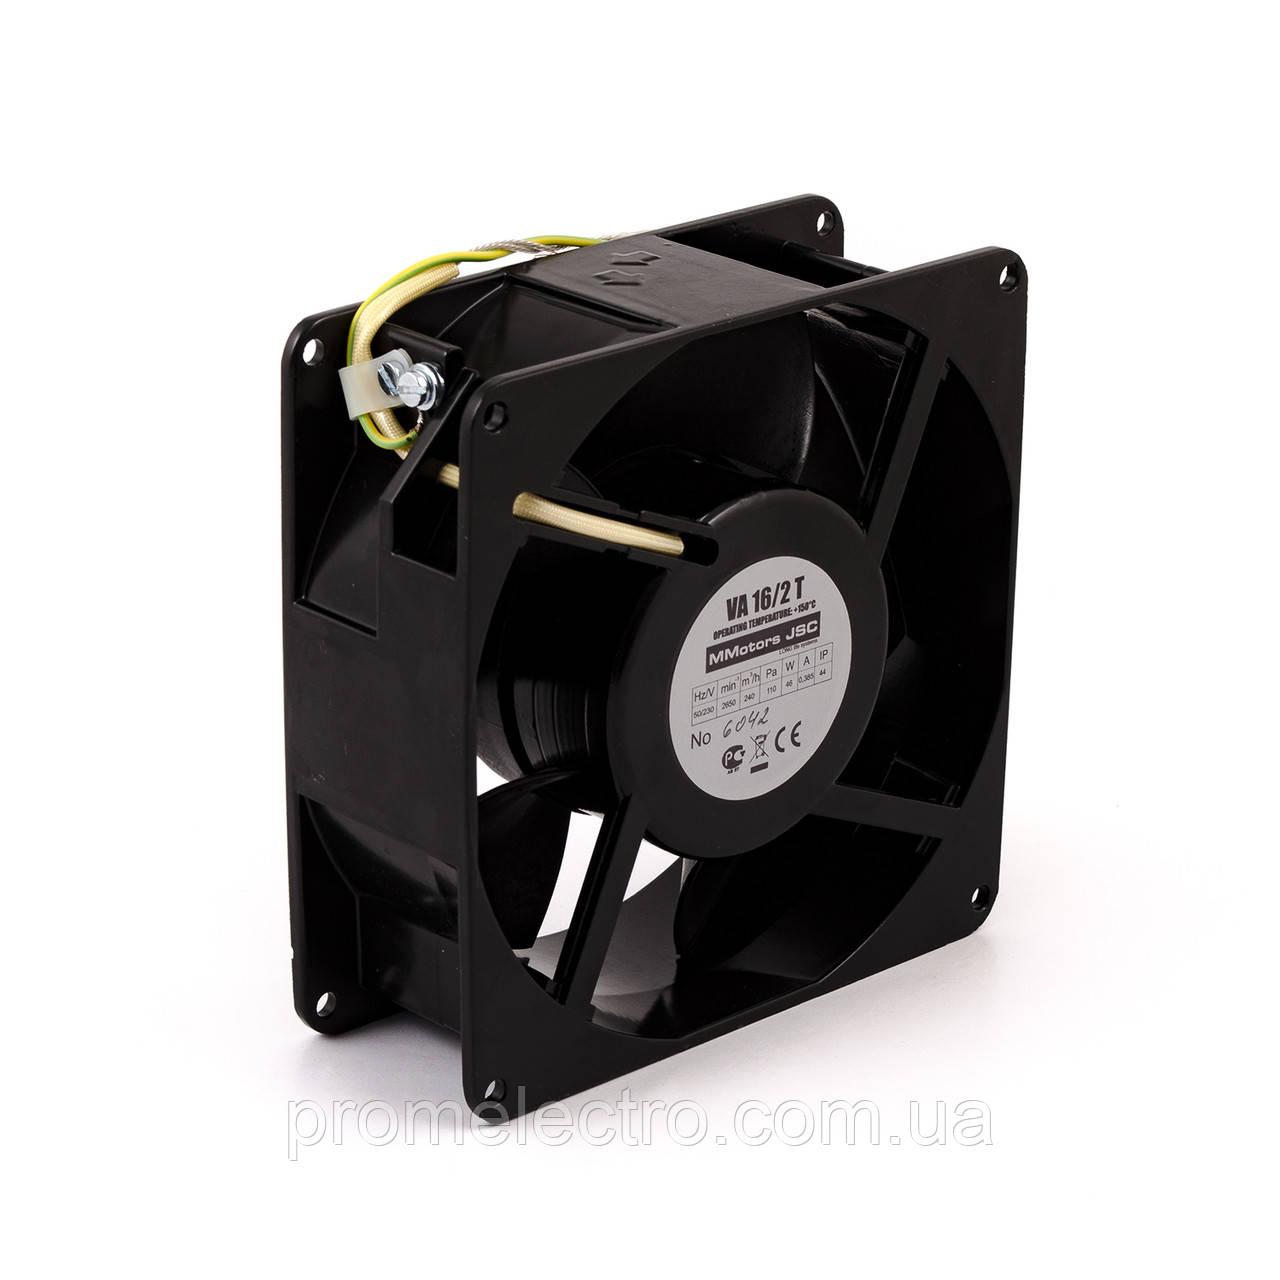 Осевой высокотемпературный вентилятор MMotors VA 16/2 (+140°С)